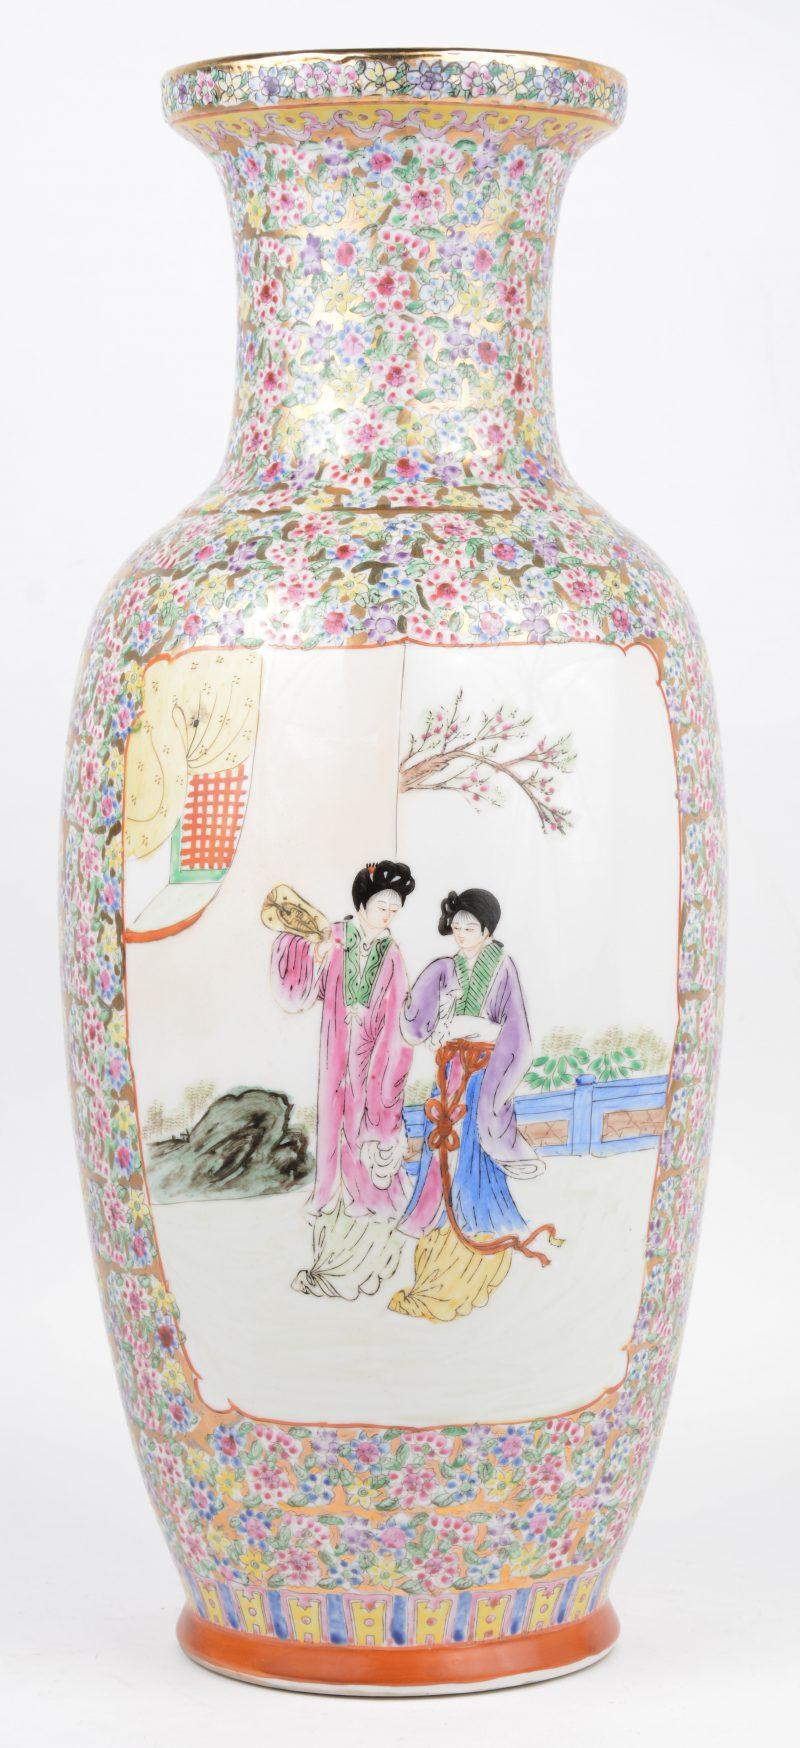 Een porseleinen balustervaas met een meerkleurig decor van geisha's in een uitsparing op een achtergrond van bloemen. Onderaan gemerkt.